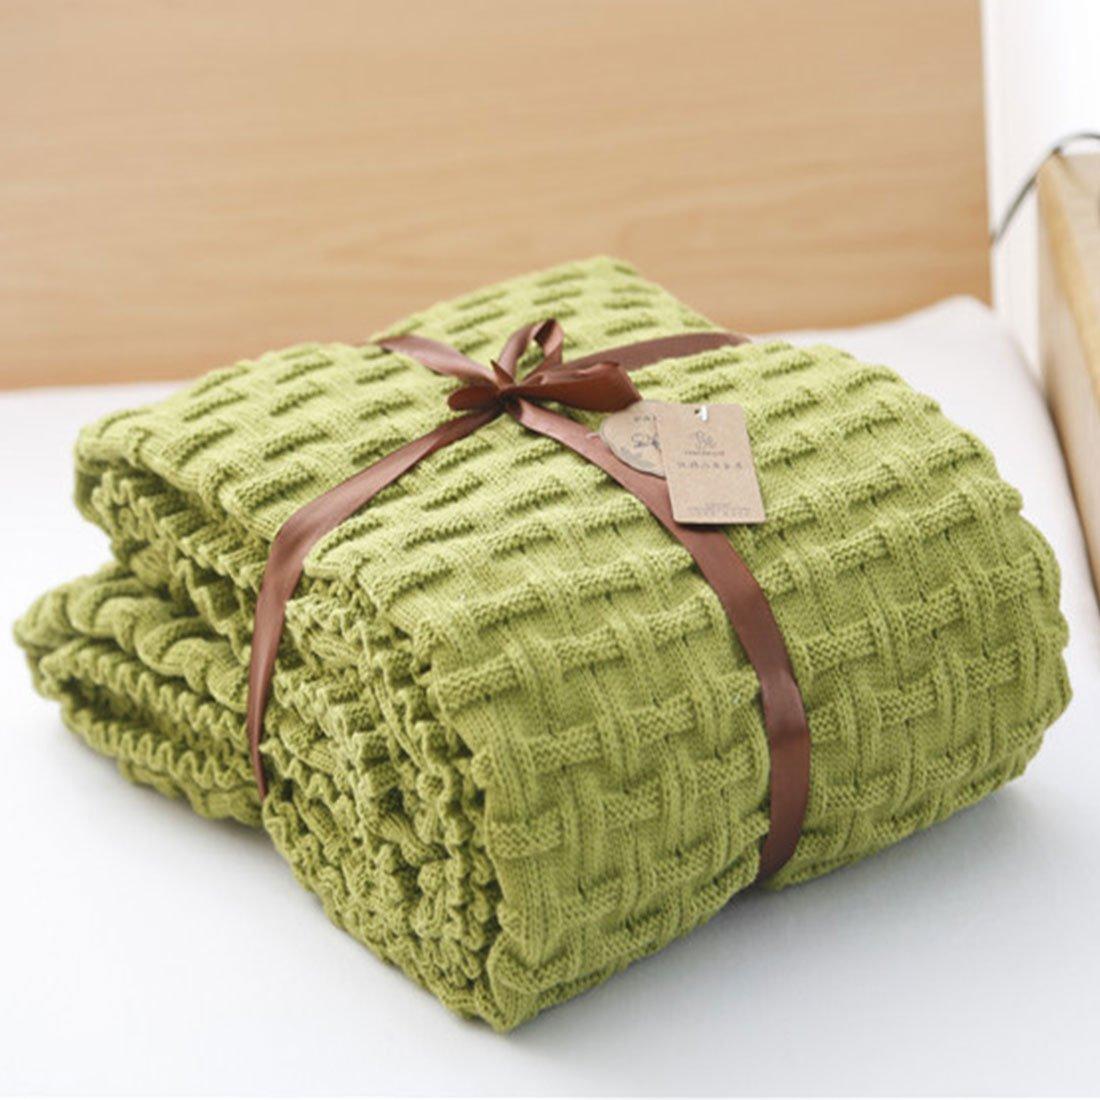 Tricot jeter couverture Crochet chandail Texture TV couverture vert jette pour chambre canapé canapé, 47x70 pouces